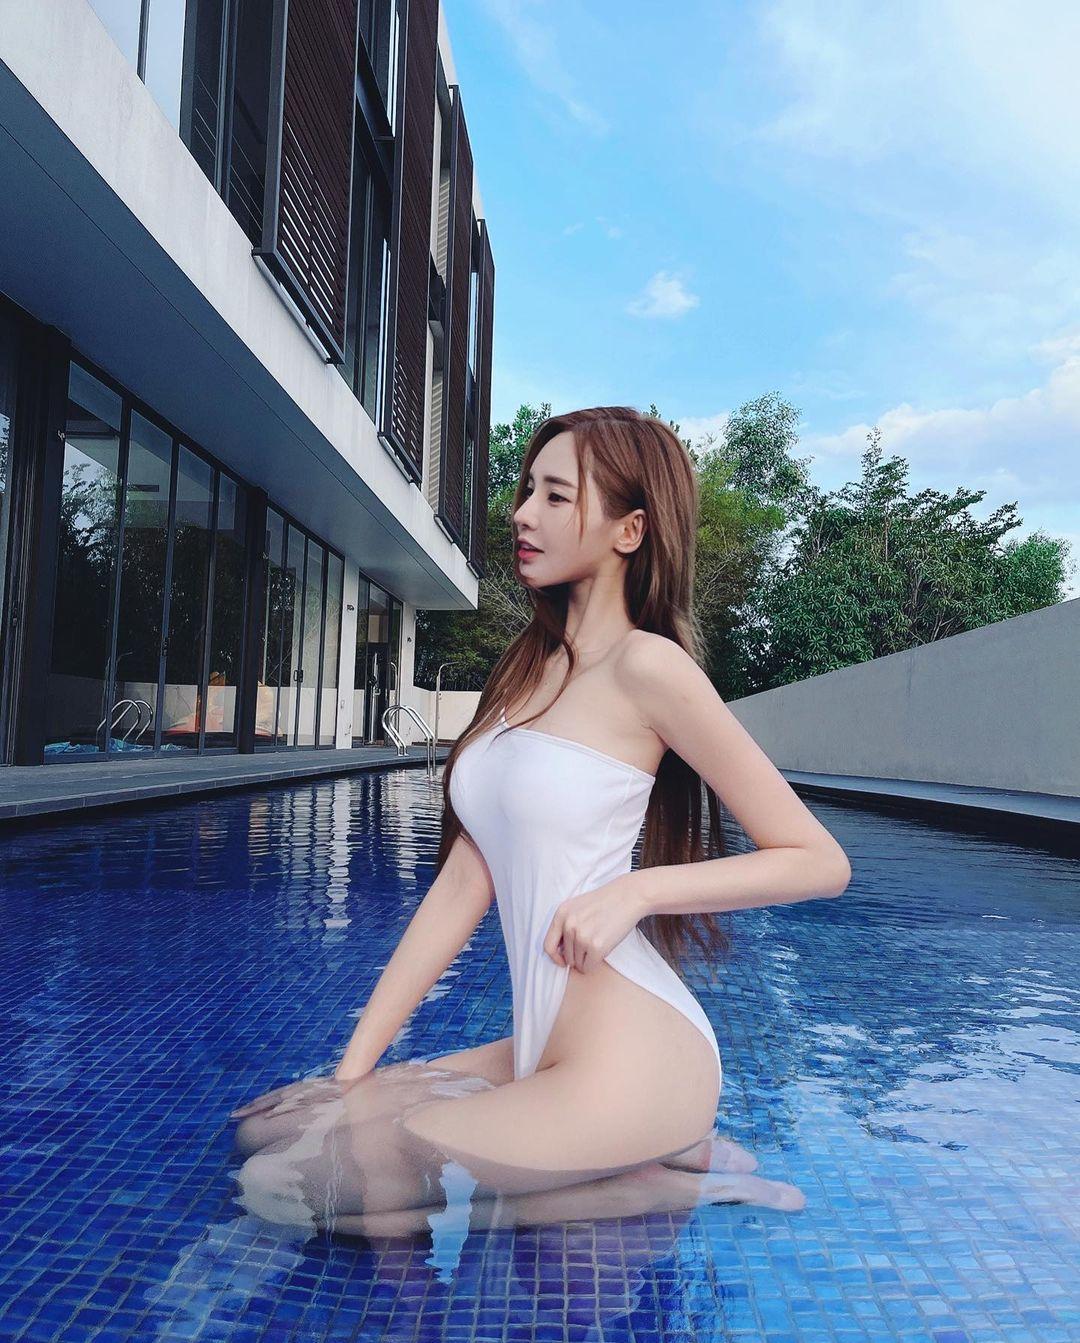 """ユミ・ウォン「純白のハイレグ姿がセクシー!」マレーシアの""""リアル8頭身""""【画像2枚】の画像001"""